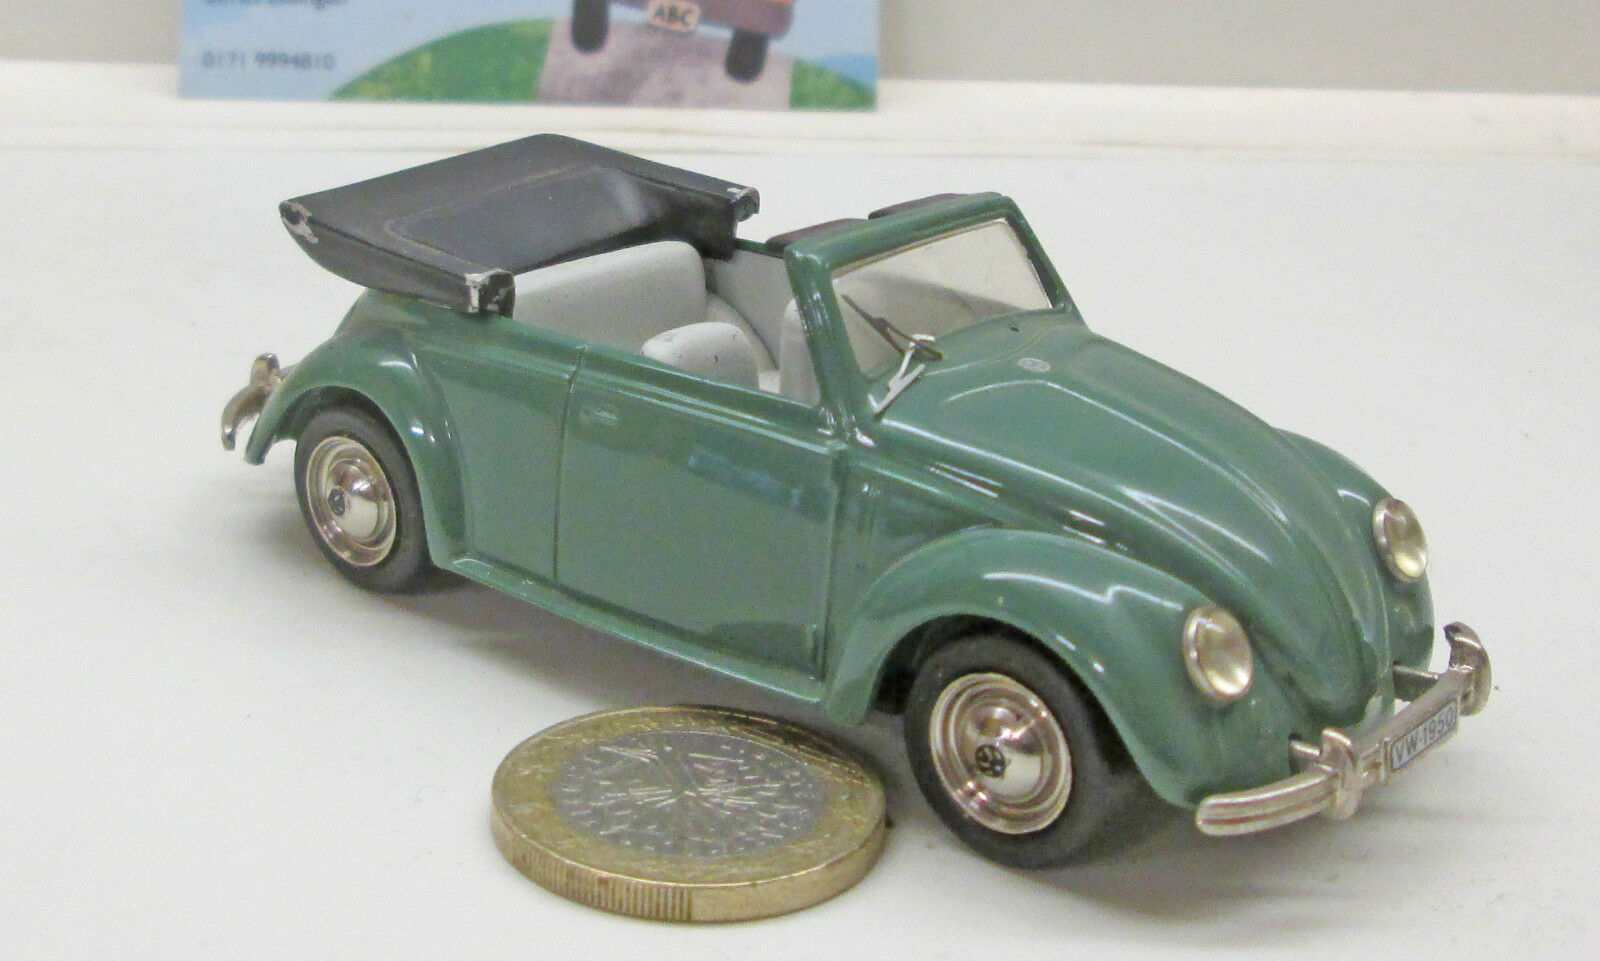 sorteos de estadio Century nº 1500  VW EsCocheabajo 1200 cabriolet, cabriolet, cabriolet, verde (550)  nuevo estilo